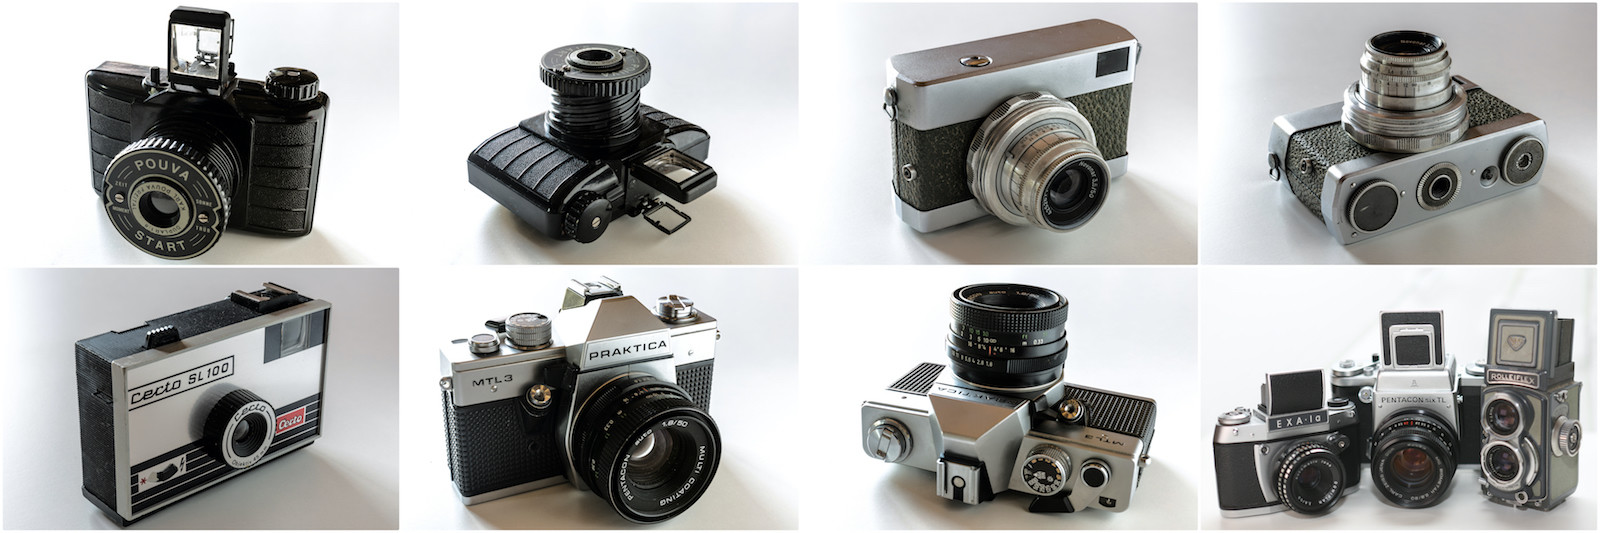 Meine analogen Kameramodelle: Pouva Start, Werra II, Certo SL100, Praktica MTL3, Exa Ia und Pentacon Six. Die Rolleiflex ist Deko.